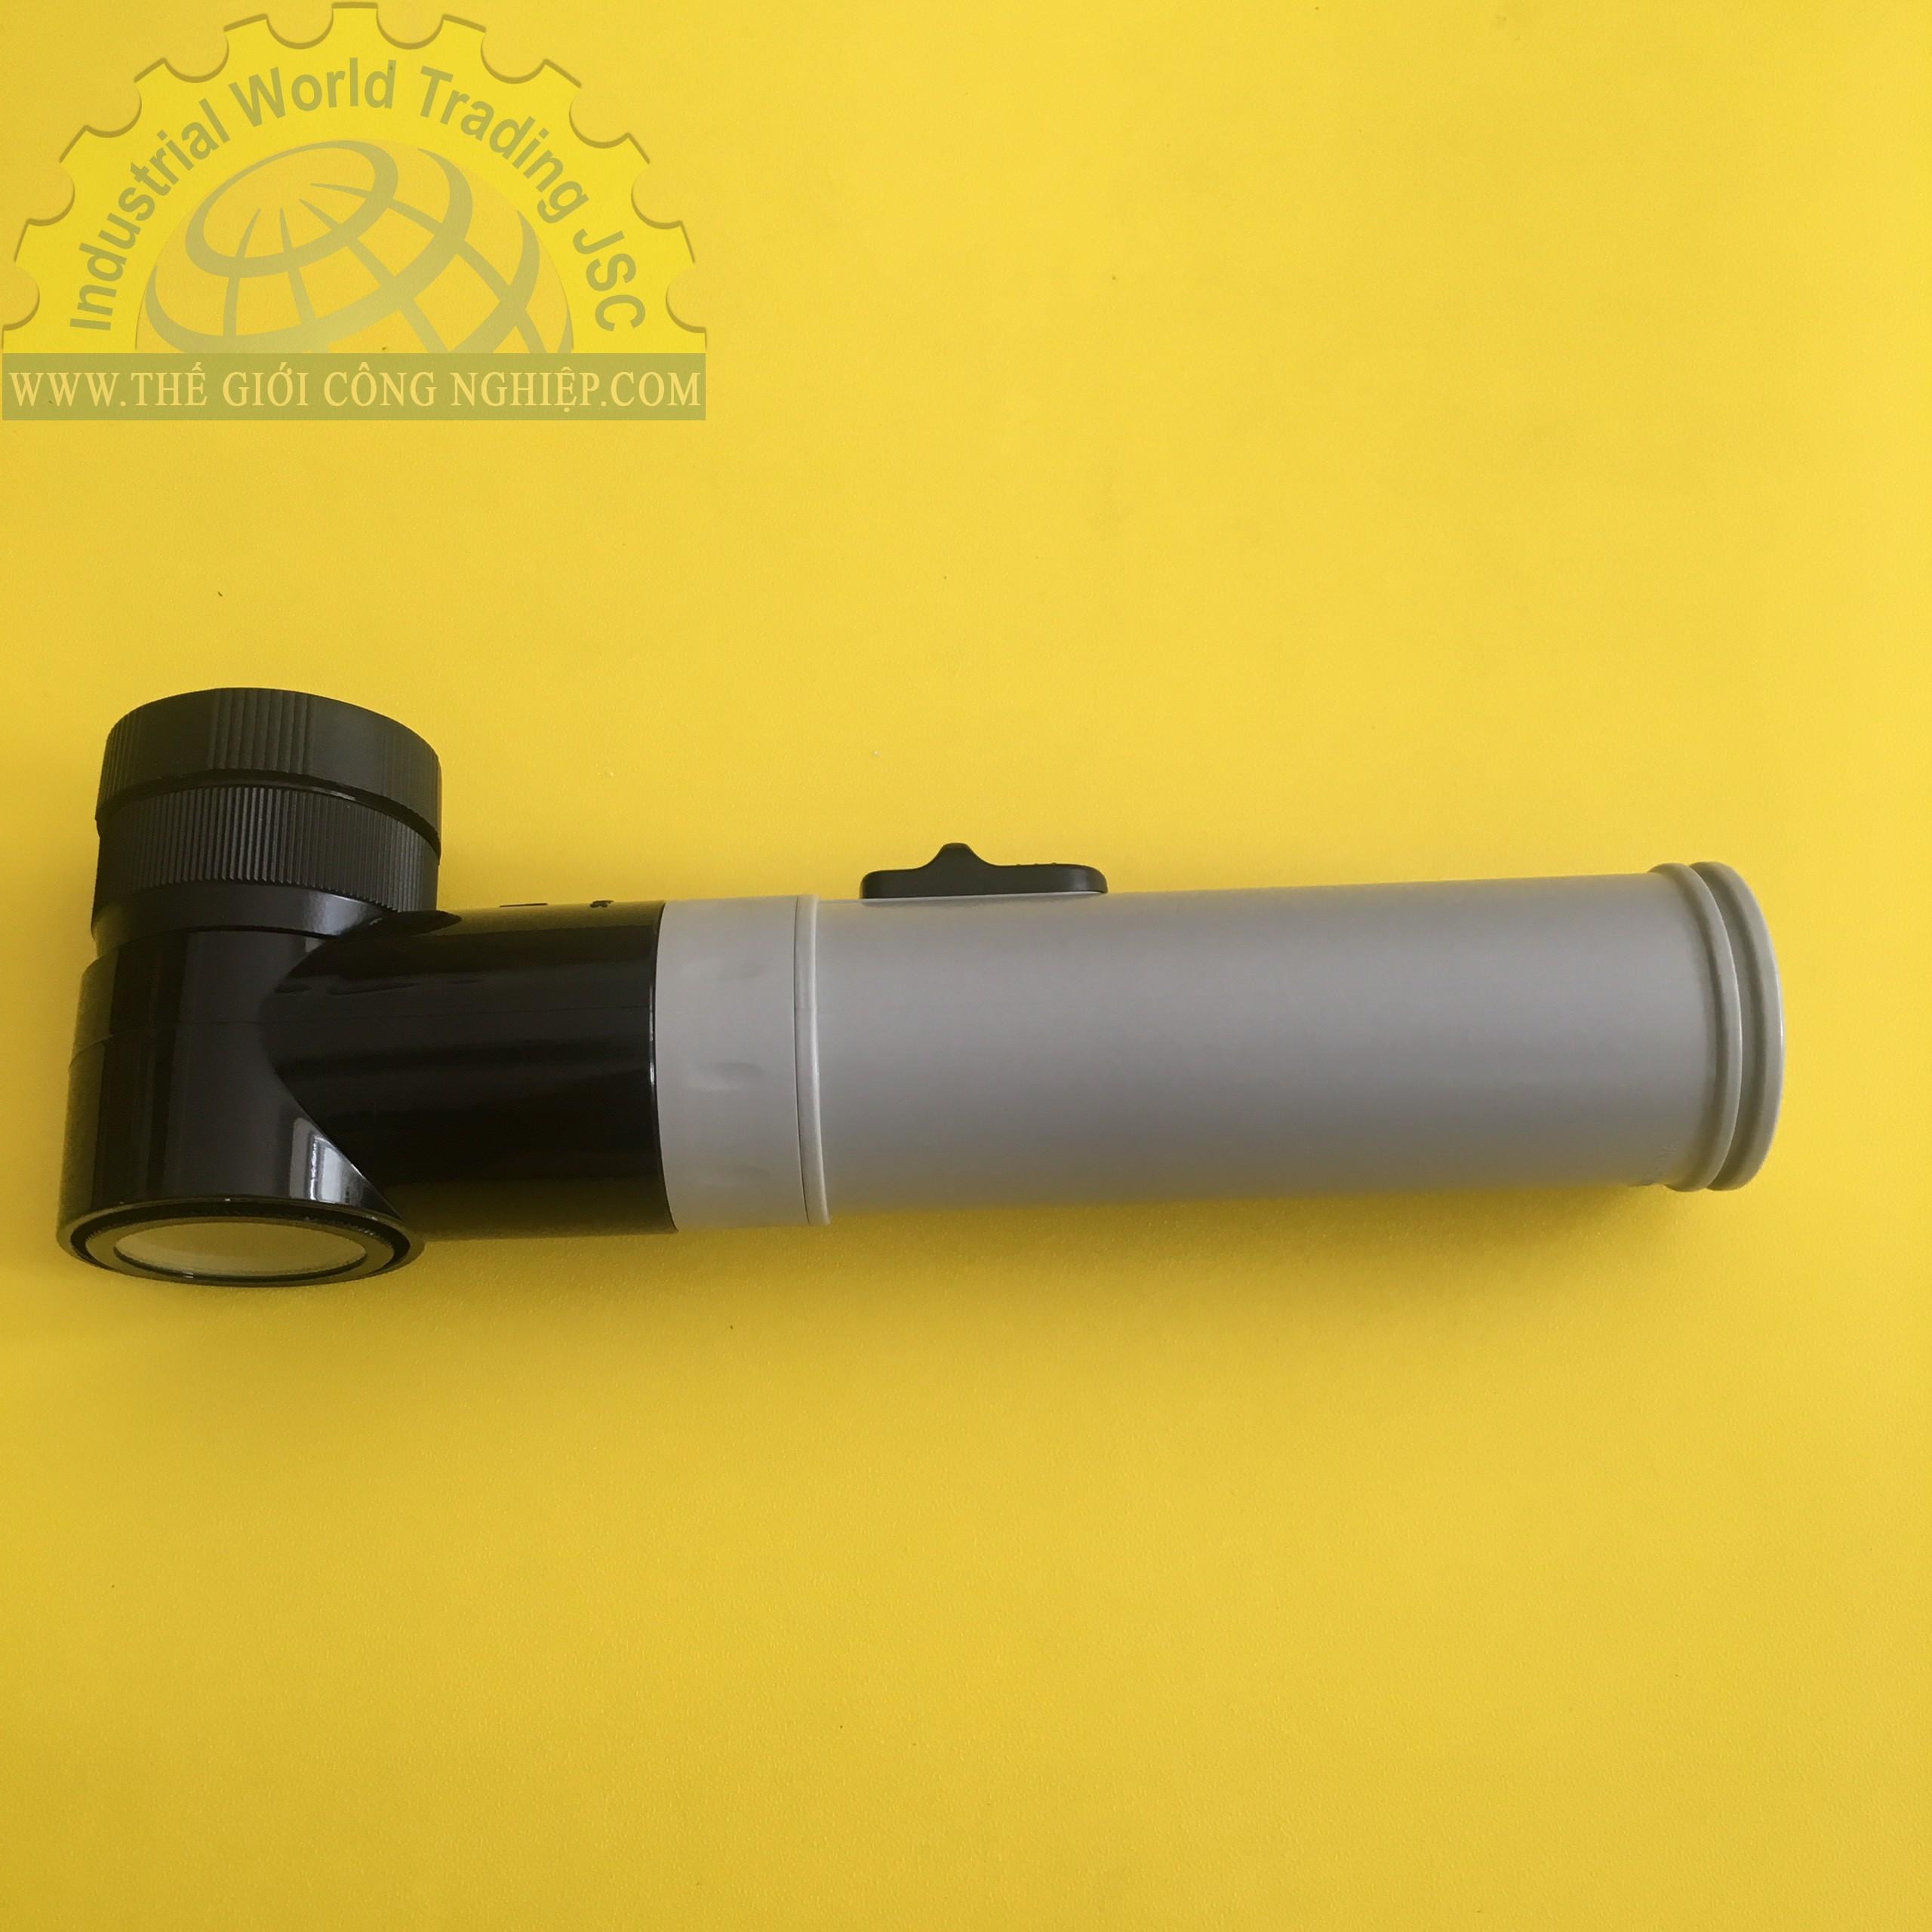 Kính lúp cầm tay có đèn, độ phóng đại 7X light Scale Lupe 1998 7X PEAK